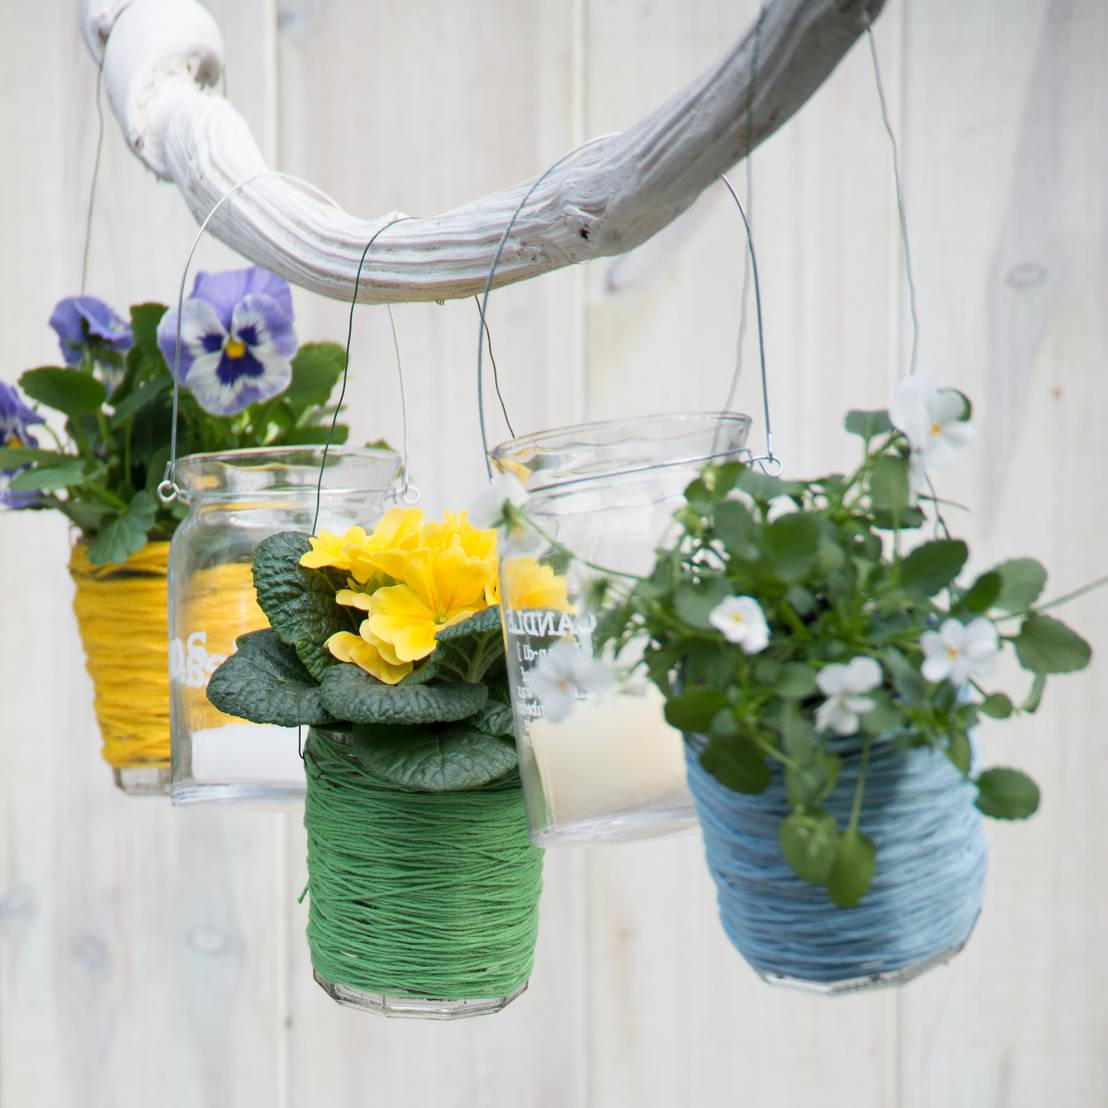 Plantas colgantes decora tus paredes con estilo y frescura for Como poner plantas en la pared